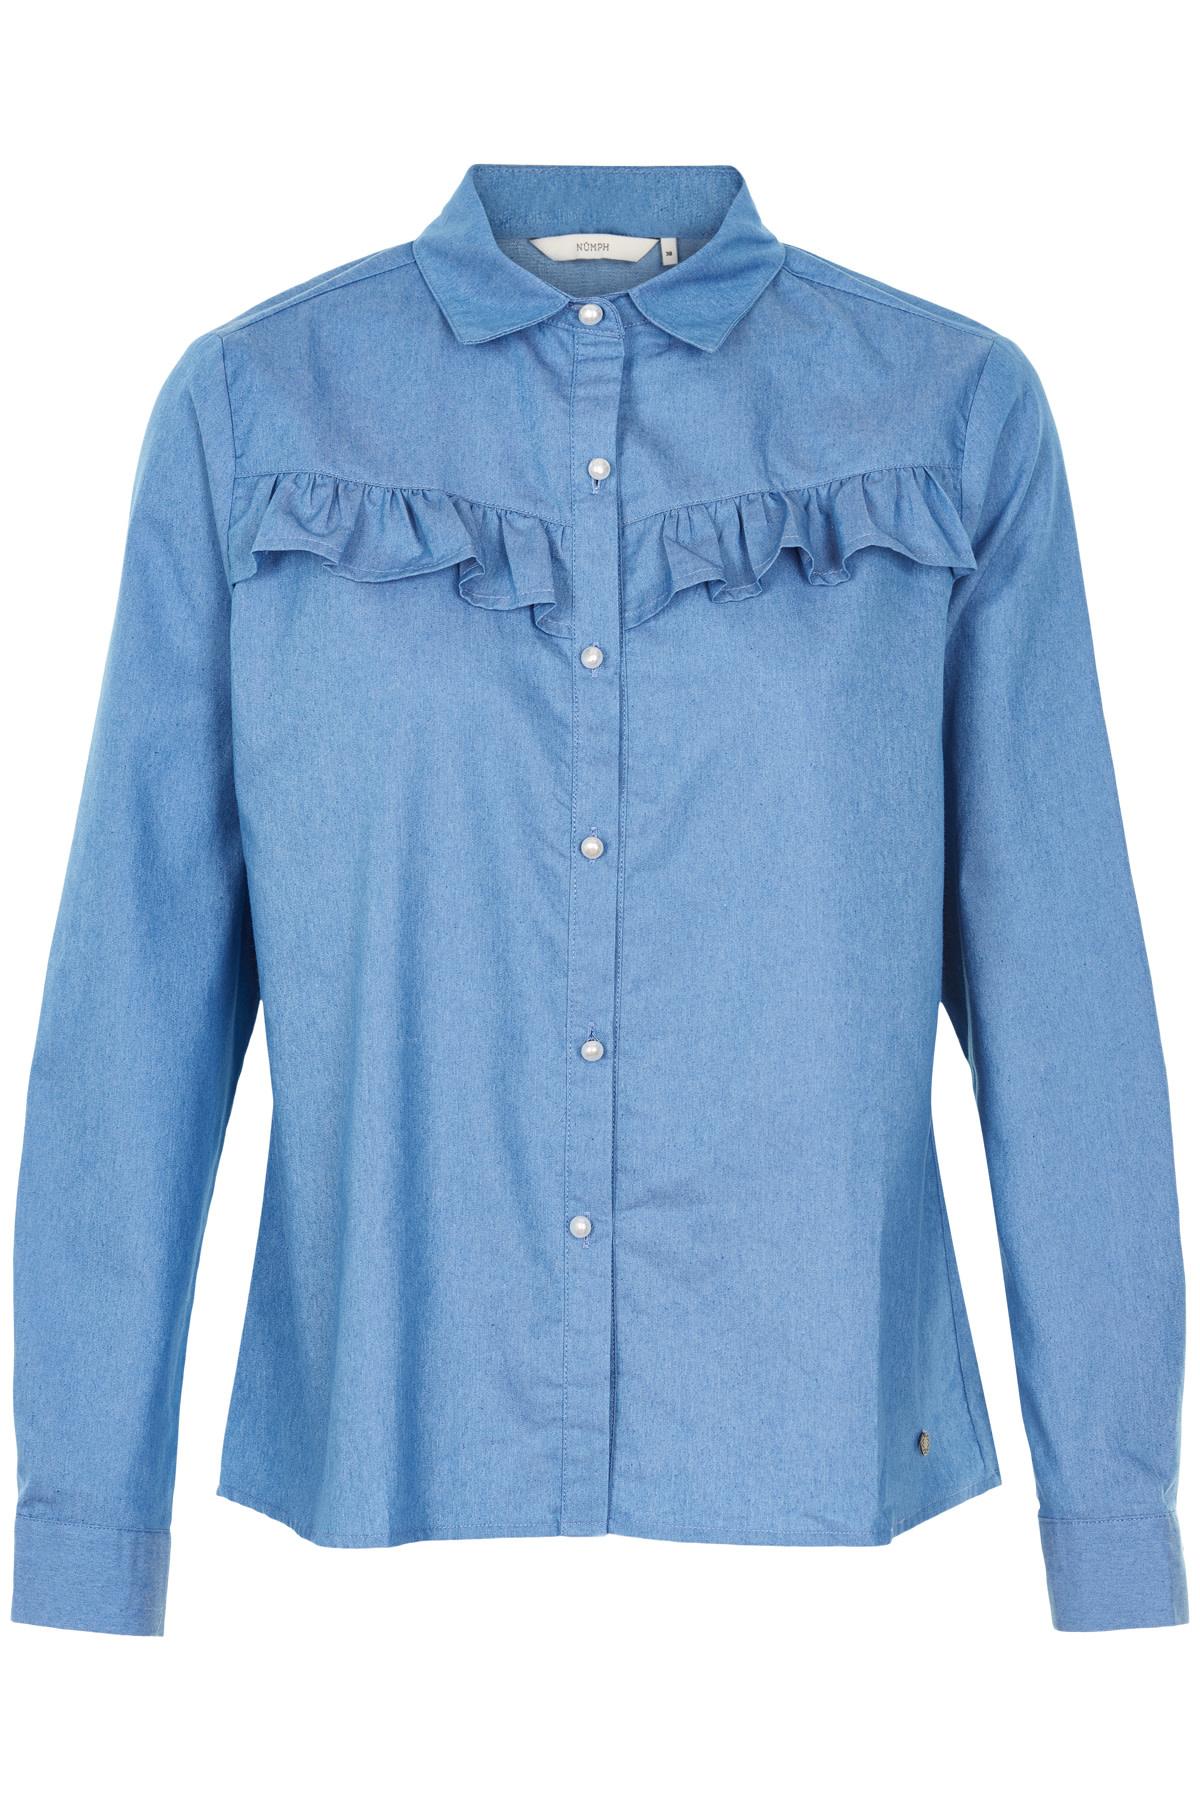 Nümph Kamryn Shirt